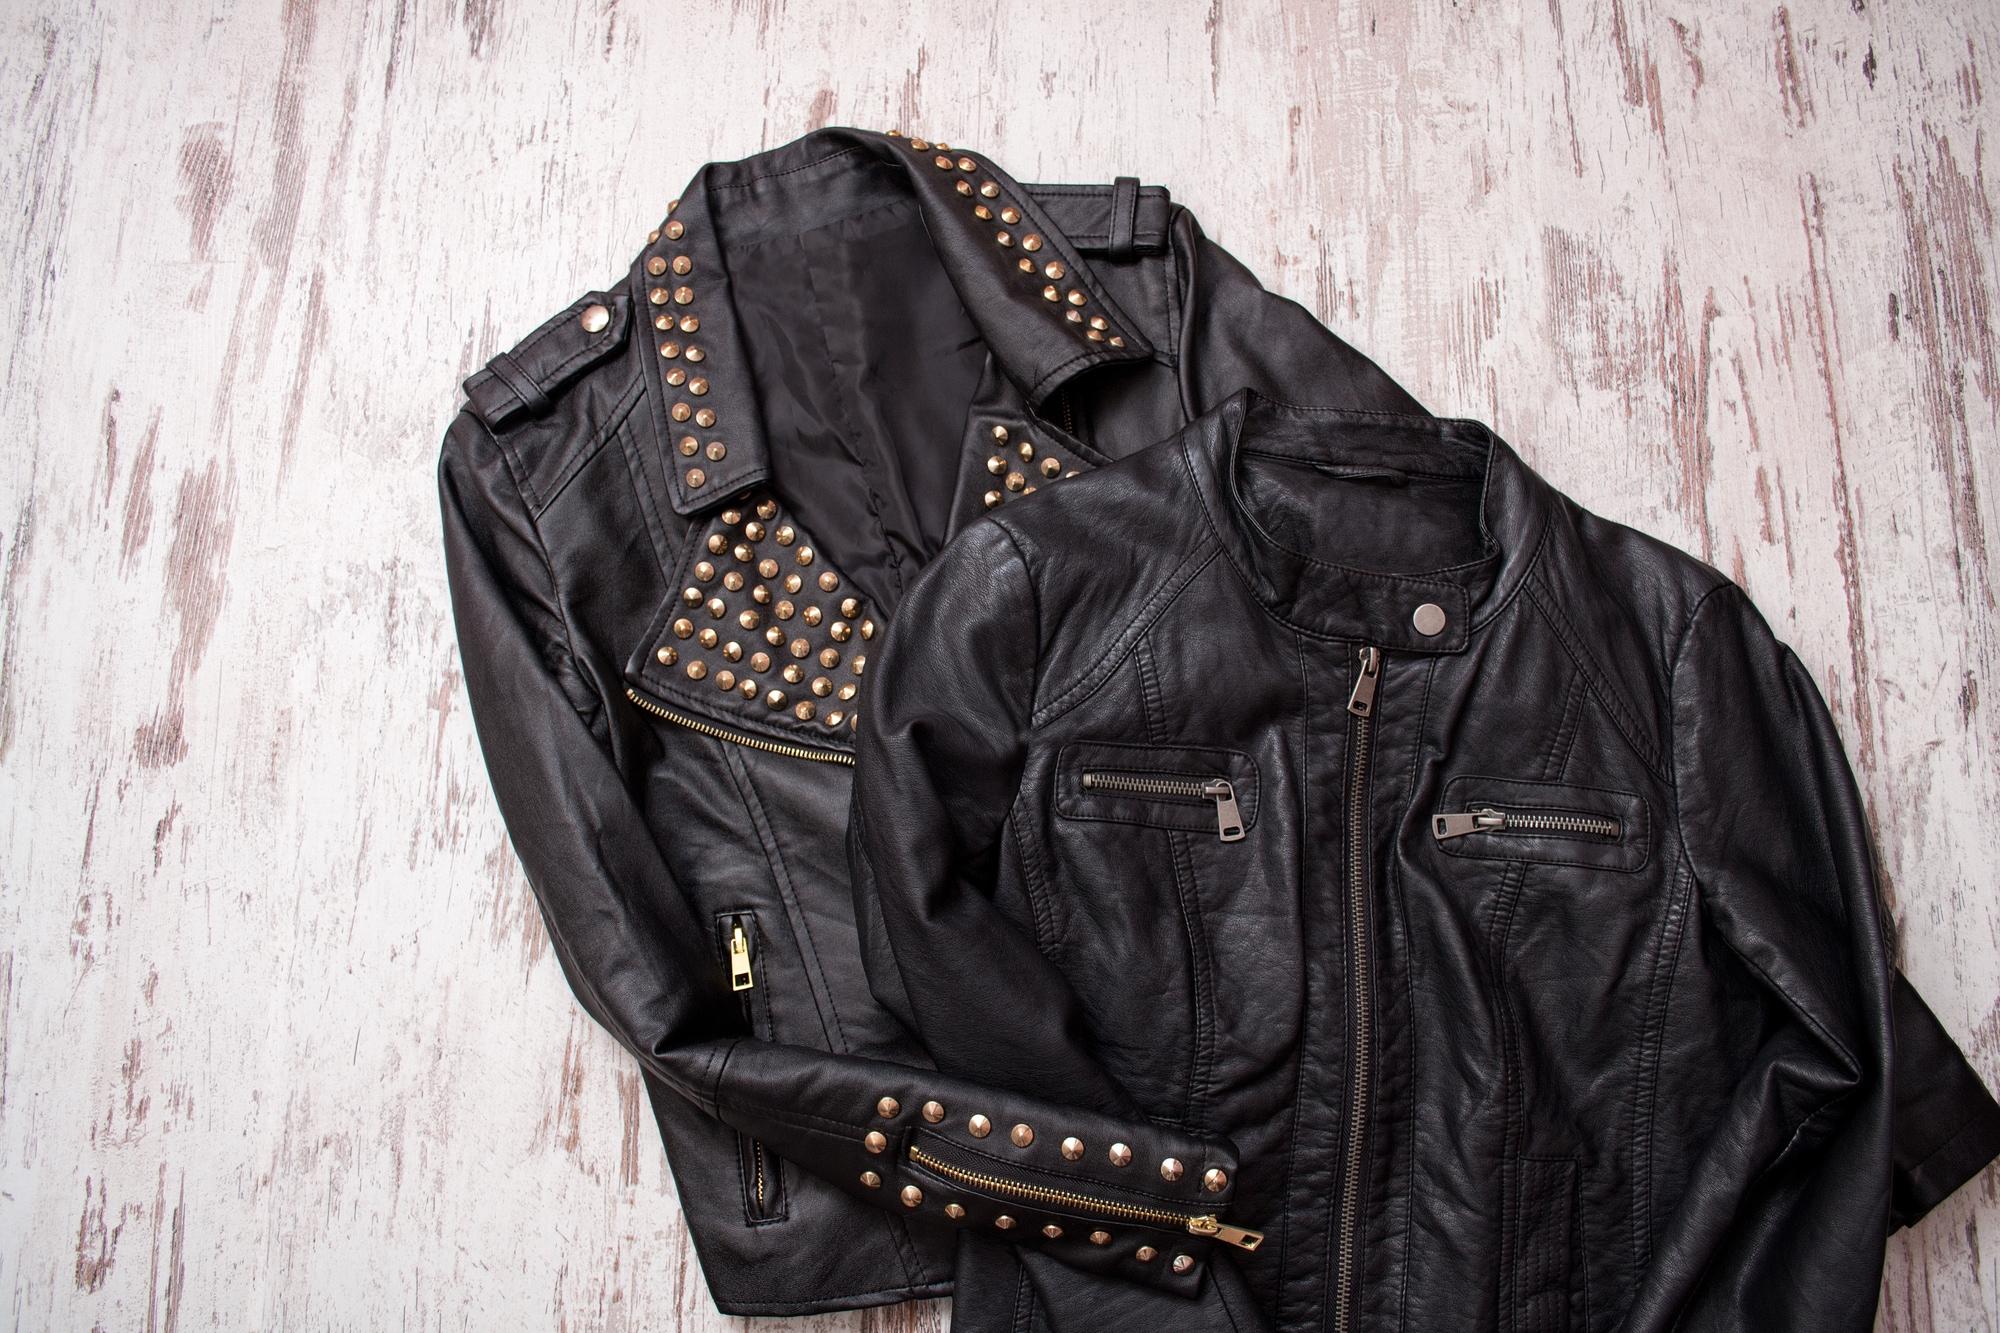 強みはシンプル!ファッションに取り入れやすいシングルライダースジャケット!